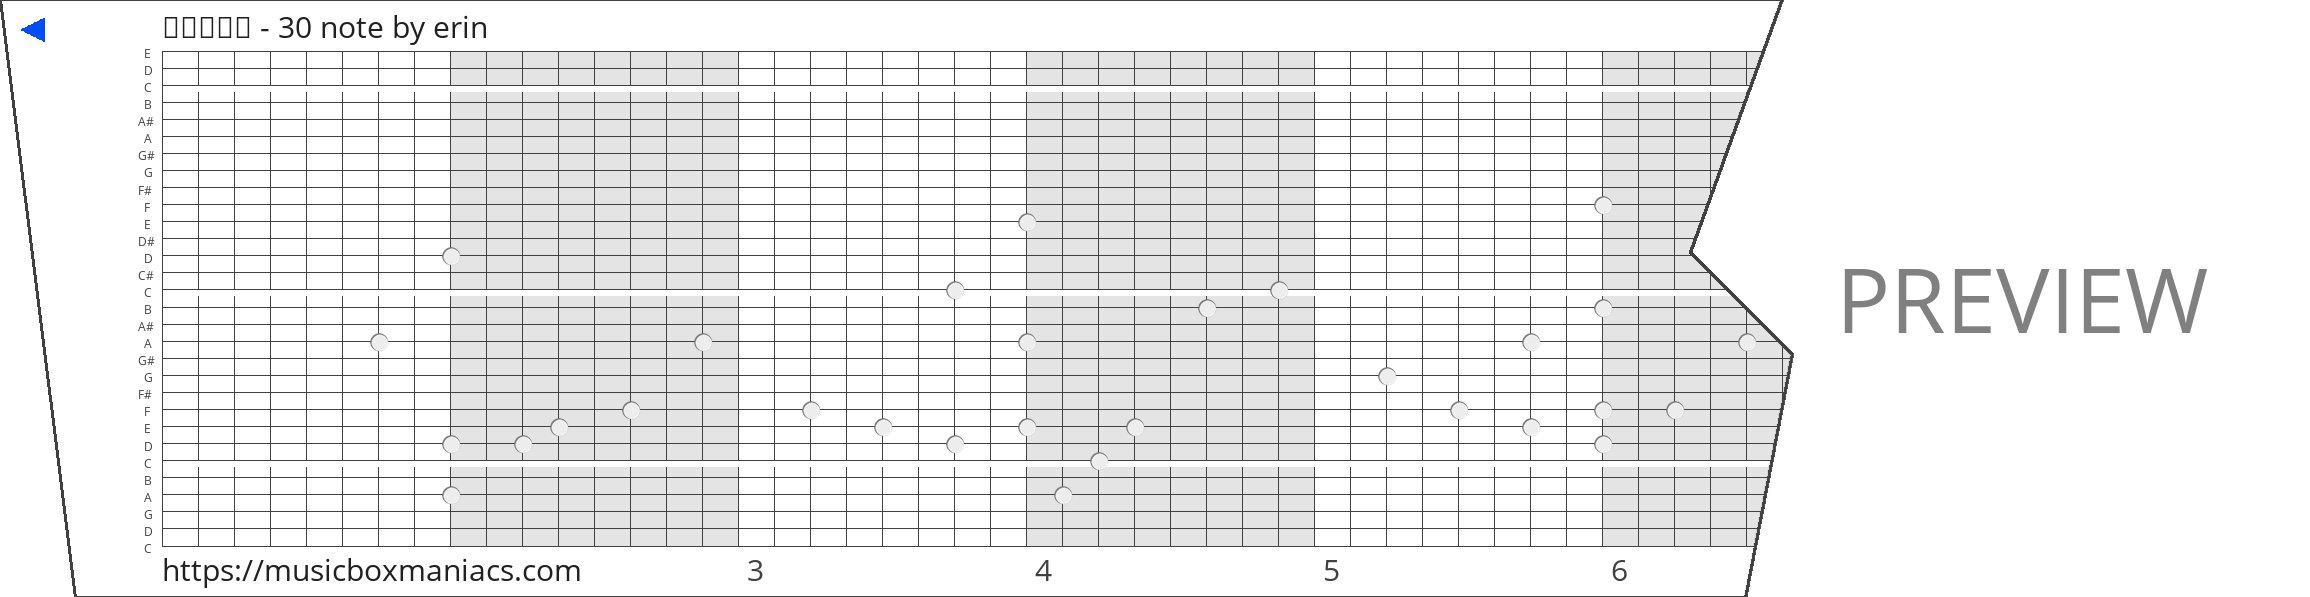 难忘的一天 - 30 note 30 note music box paper strip